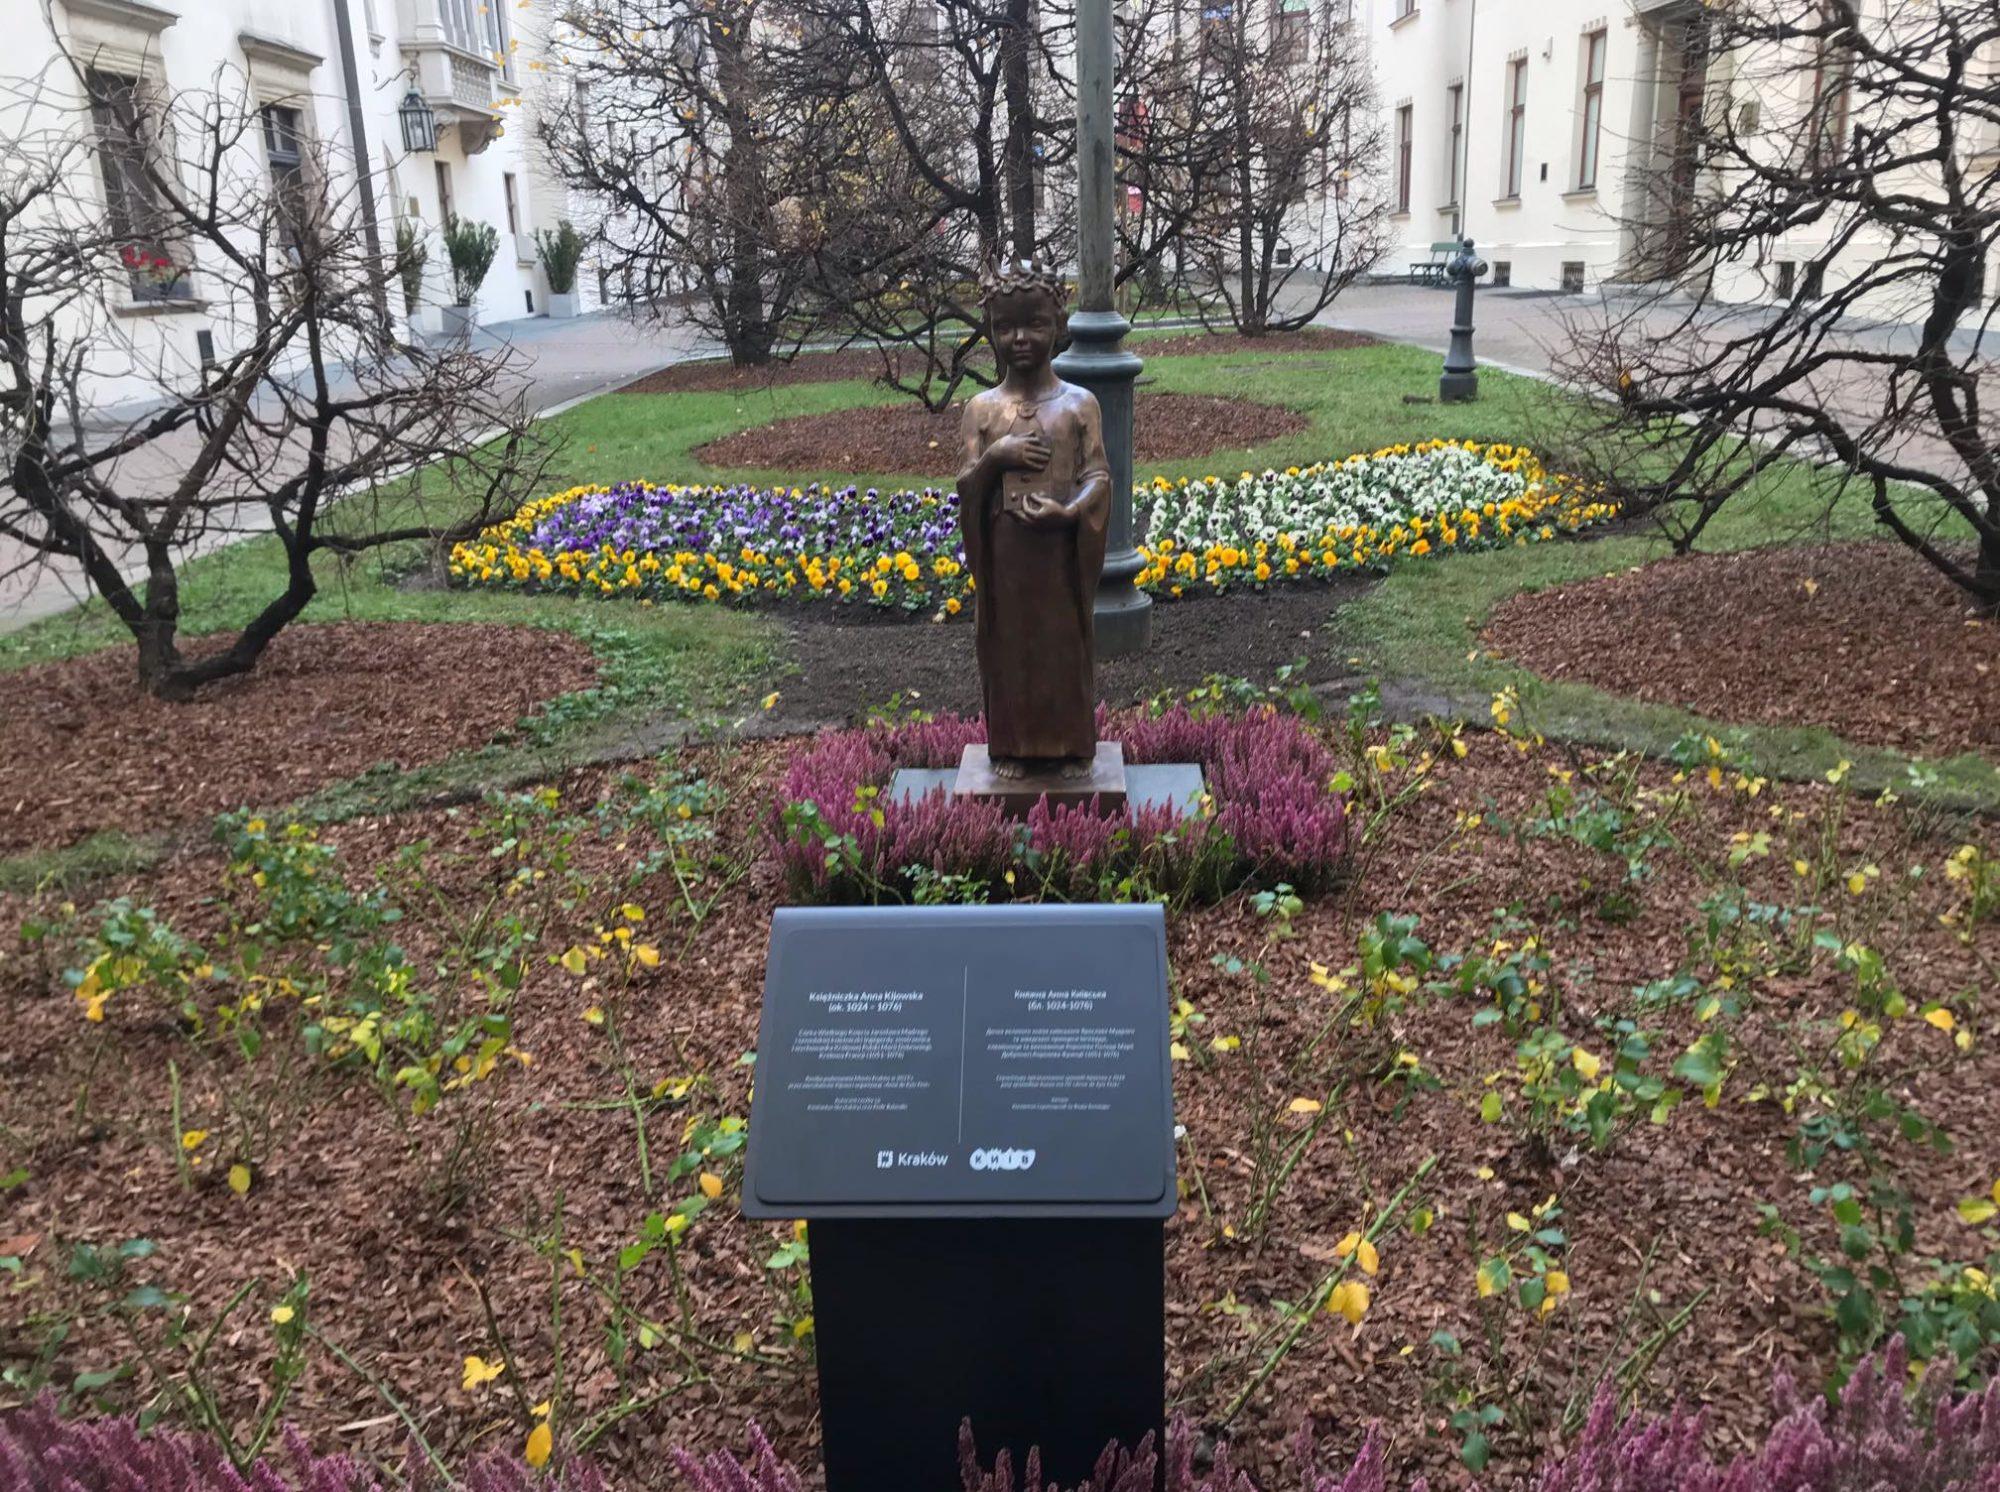 76697299_543847802847271_1000766331026407424_n-2000x1492 У Кракові відкрили пам'ятник Анні Київській